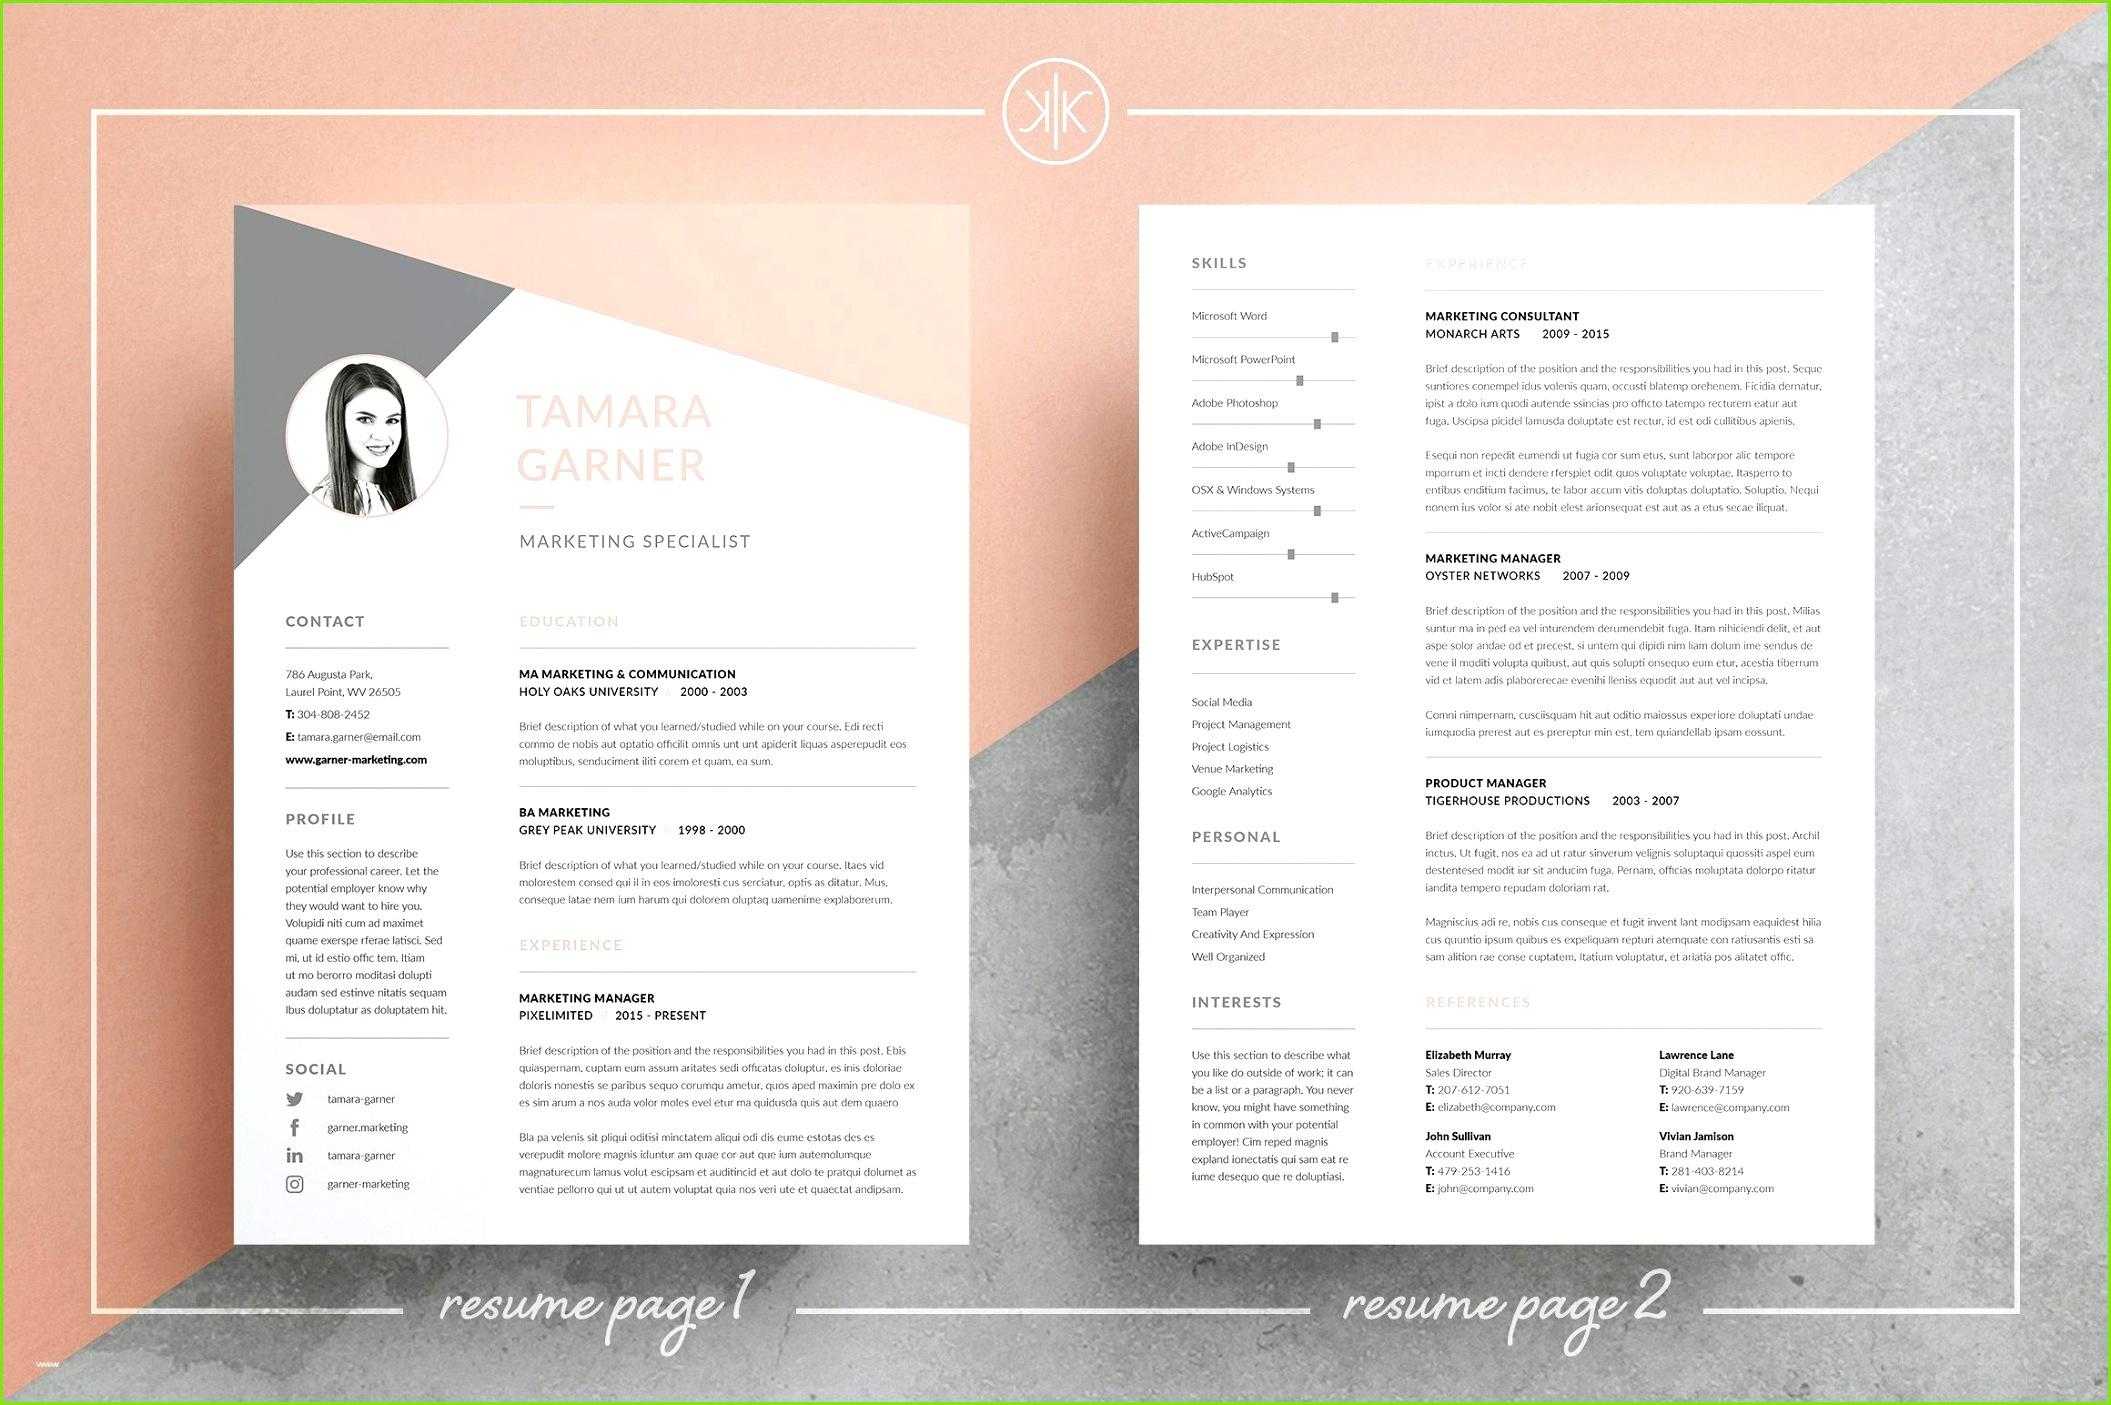 Weihnachtsbrief Kunden Vorlage Neu Kreative Bewerbung Marketing in Weihnachtsbrief Vorlage Kostenlos